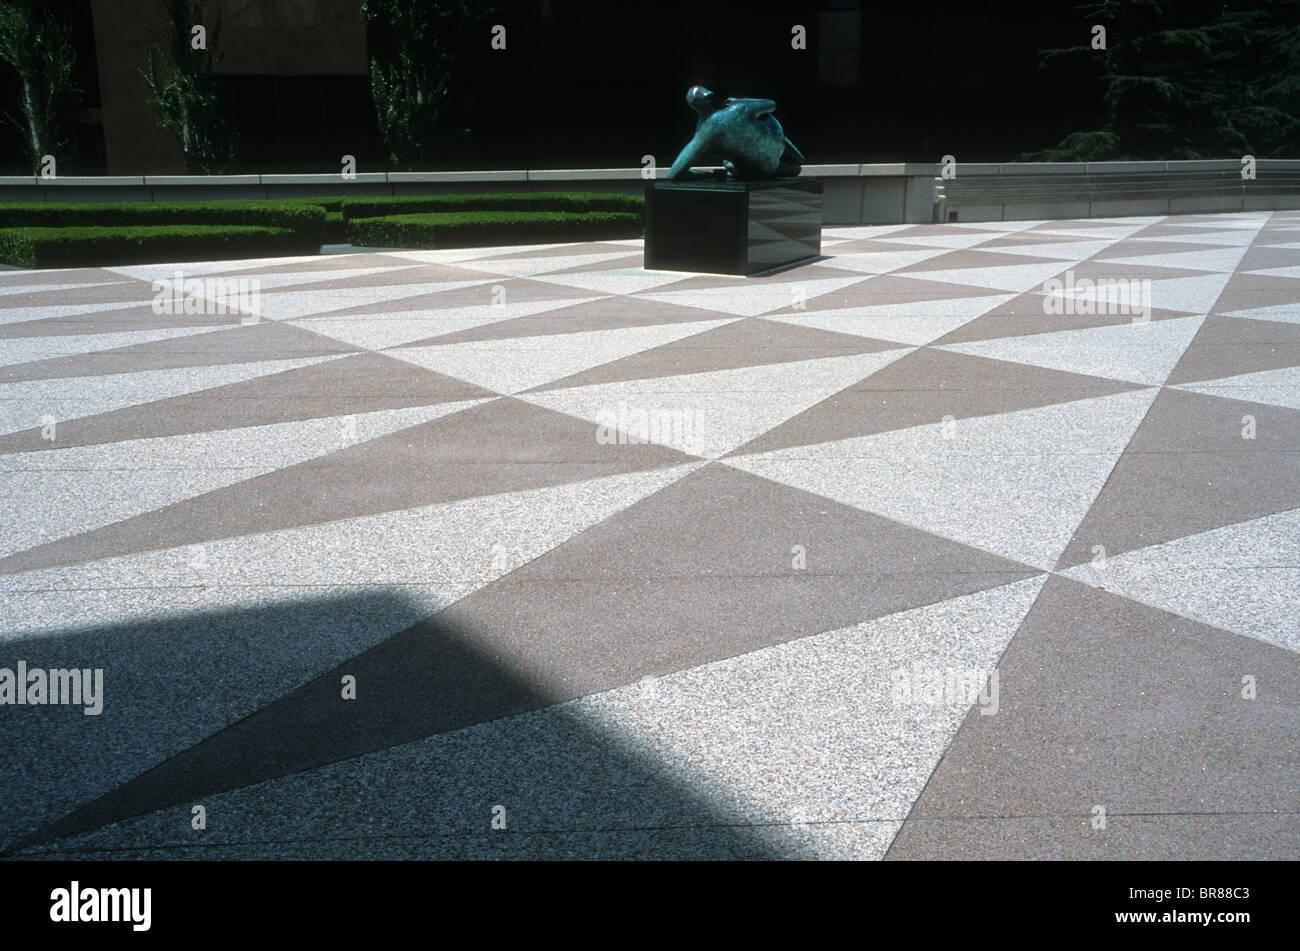 Triangle math pattern design misurare piastrelle per pavimento plaza